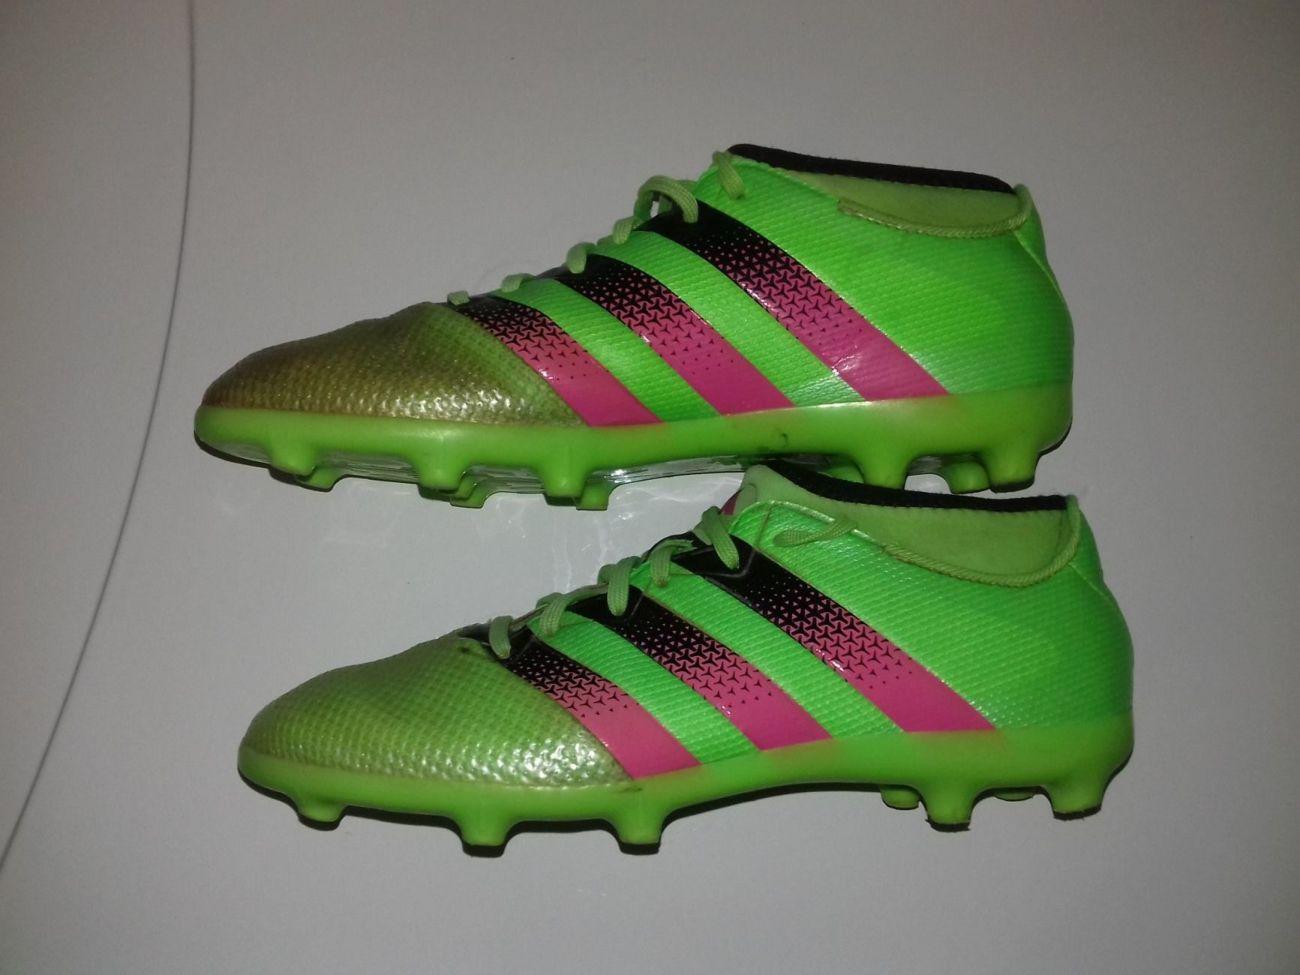 Продам оригінальні бутси Adidas  250 грн. - Игры с мячом Костополь ... 0f9cffa6c72b3